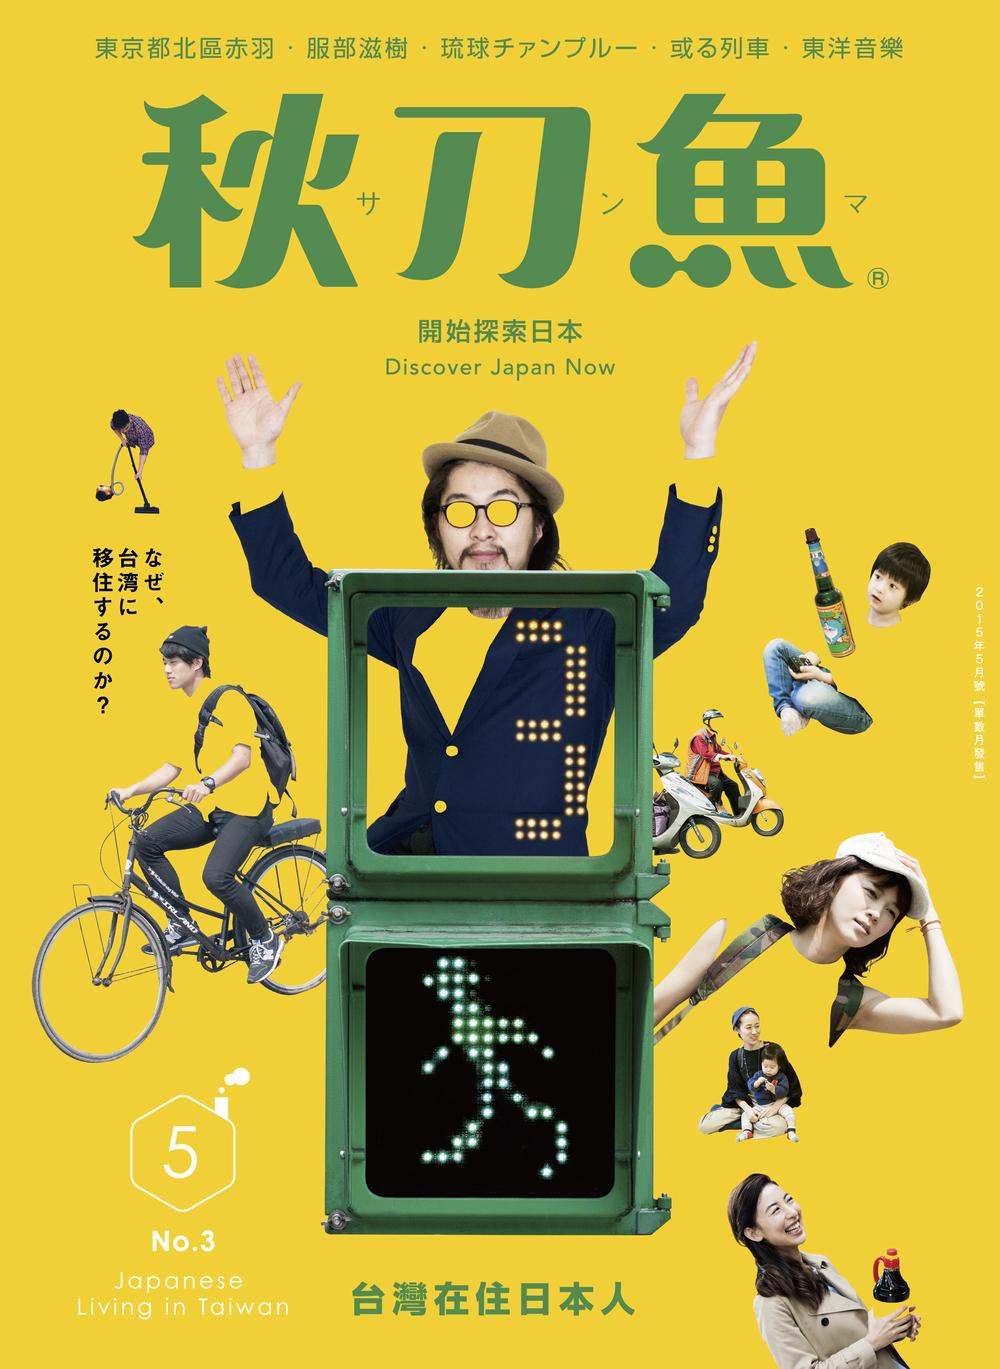 2015年5月號第3期〈臺灣在住日本人〉